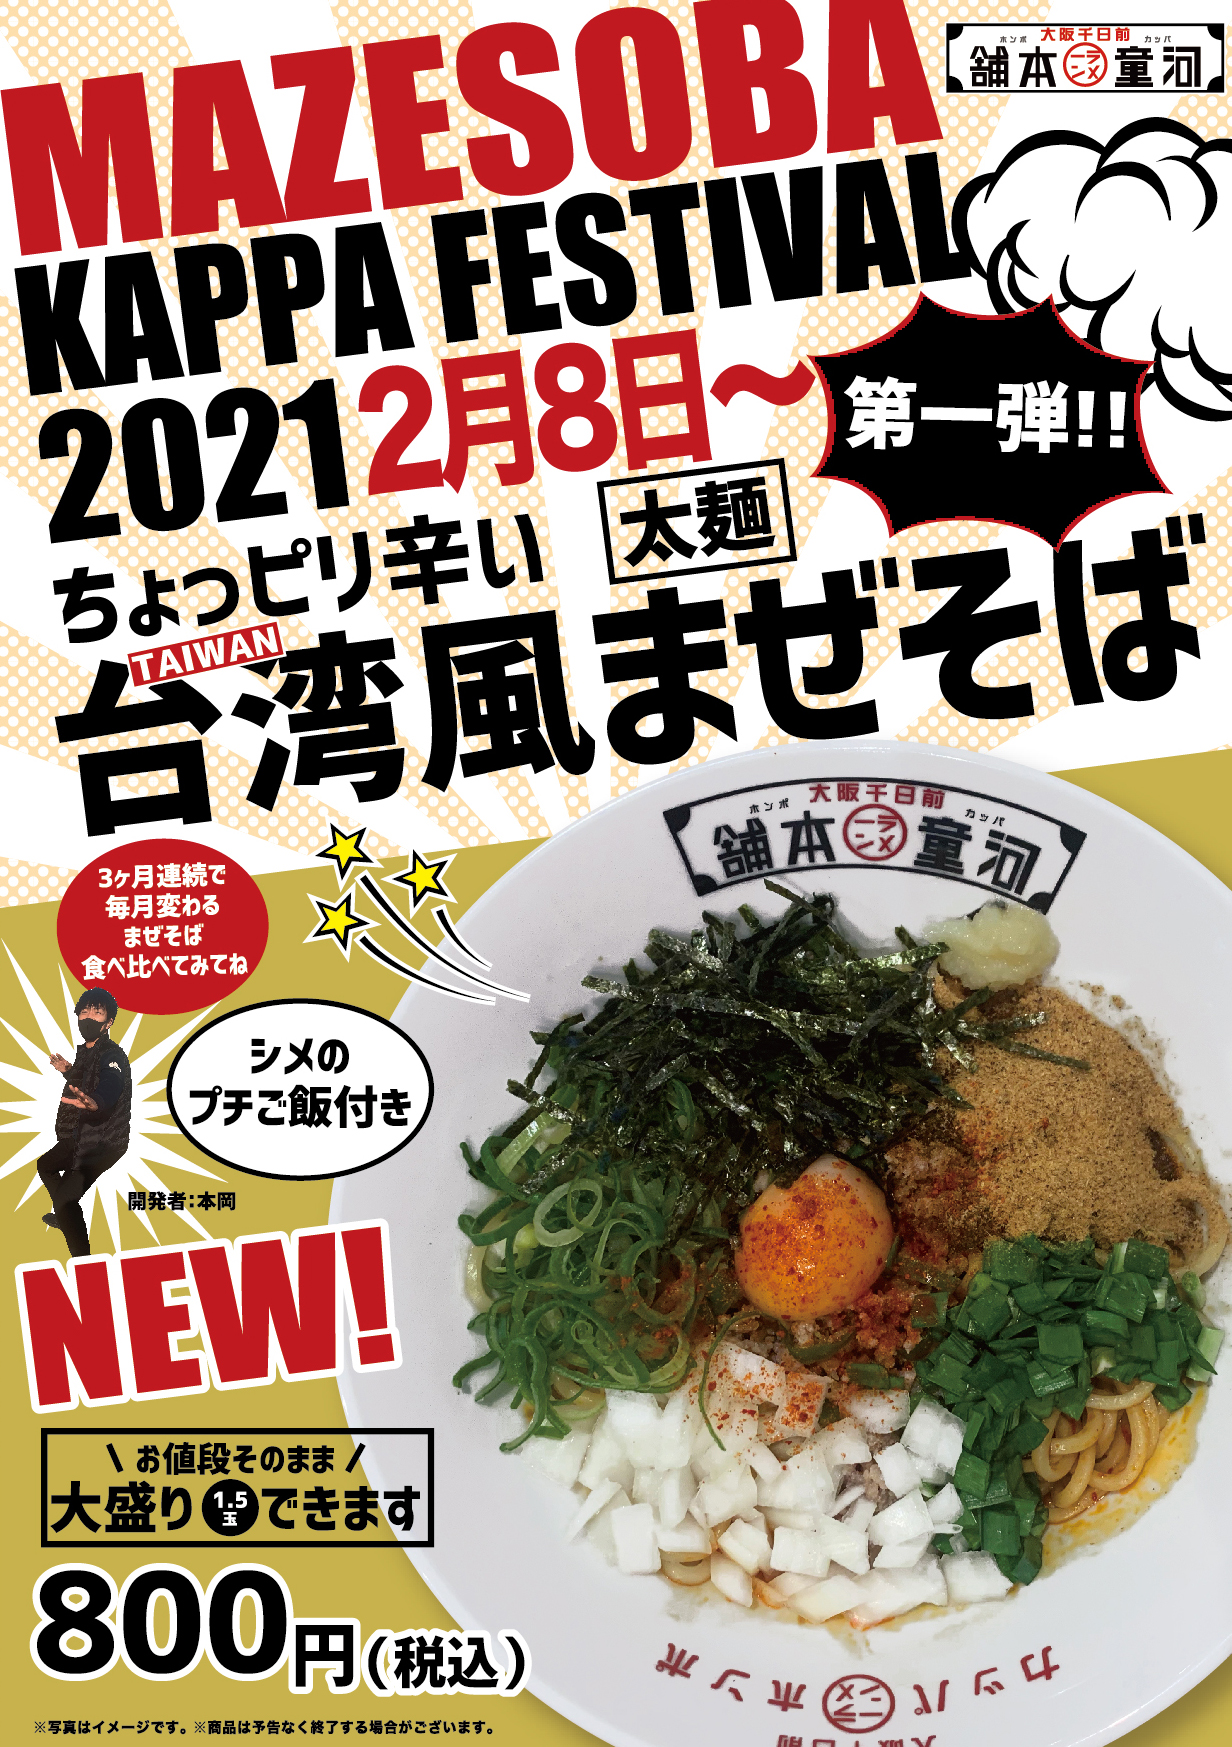 <まぜそばキャンペーン第1弾> TAIWAN風まぜそば2月8日より販売開始!の画像